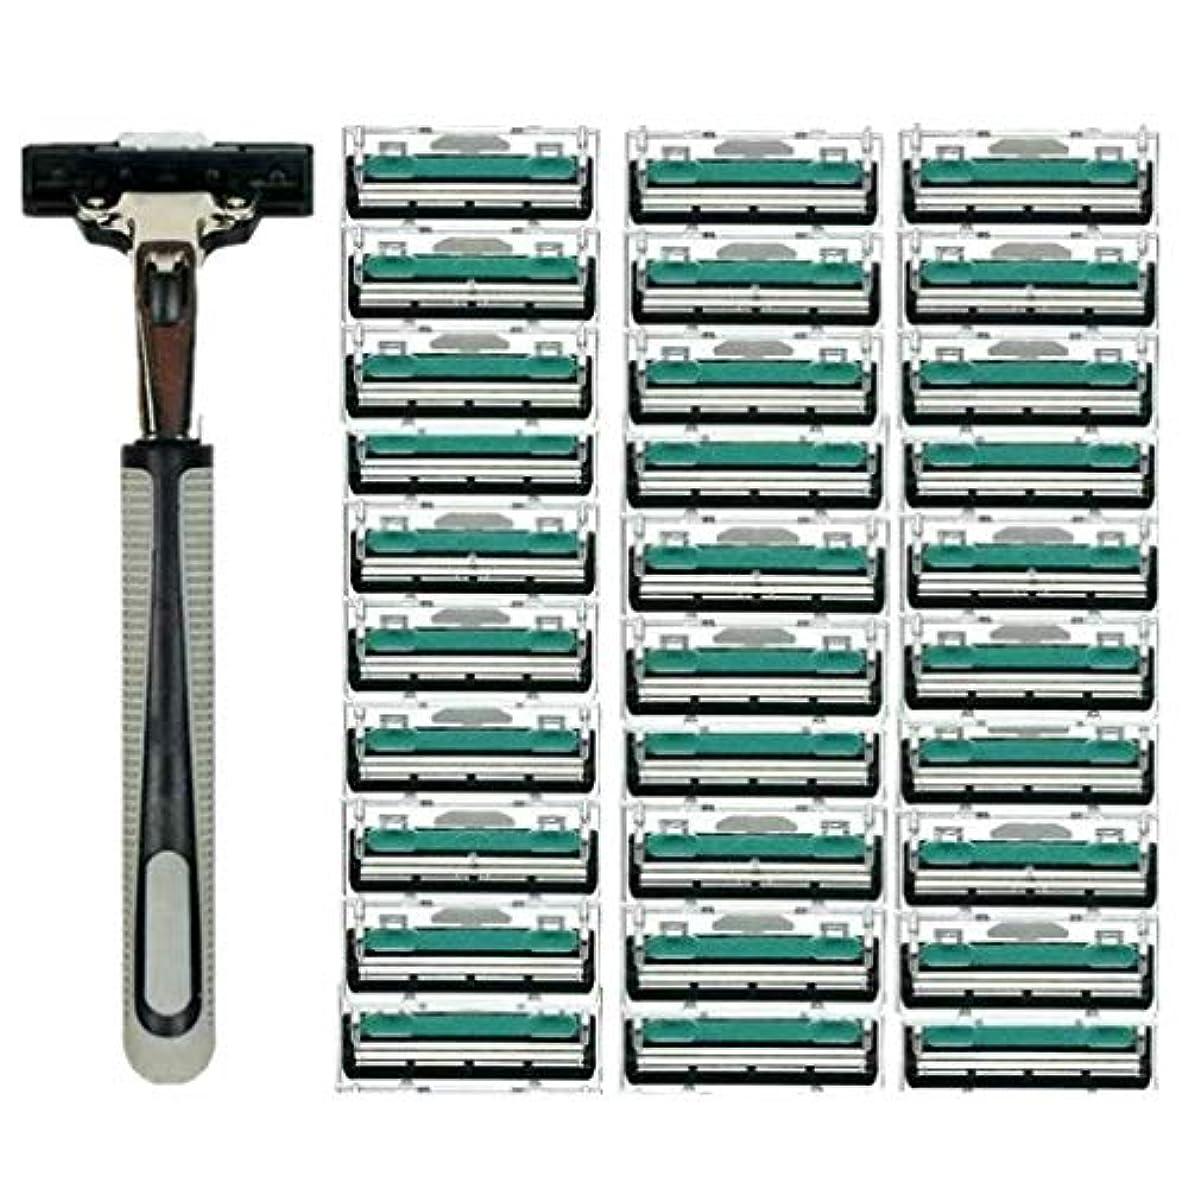 住人モートタップTopFires 髭剃り 男性カミソリ 替刃30個付 安全性 大容量 …